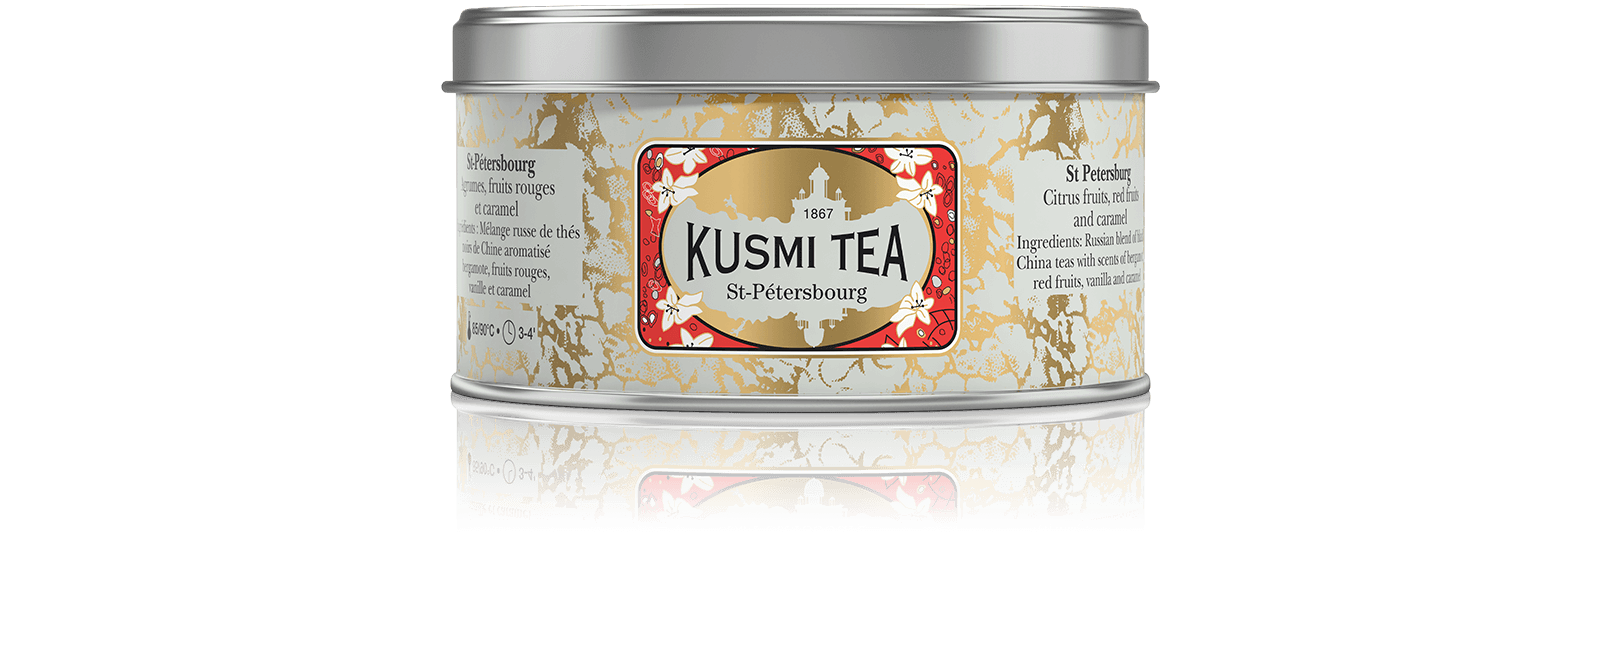 St-Pétersbourg - Thé noir à la bergamote aromatisé fruits rouges et caramel - Kusmi Tea